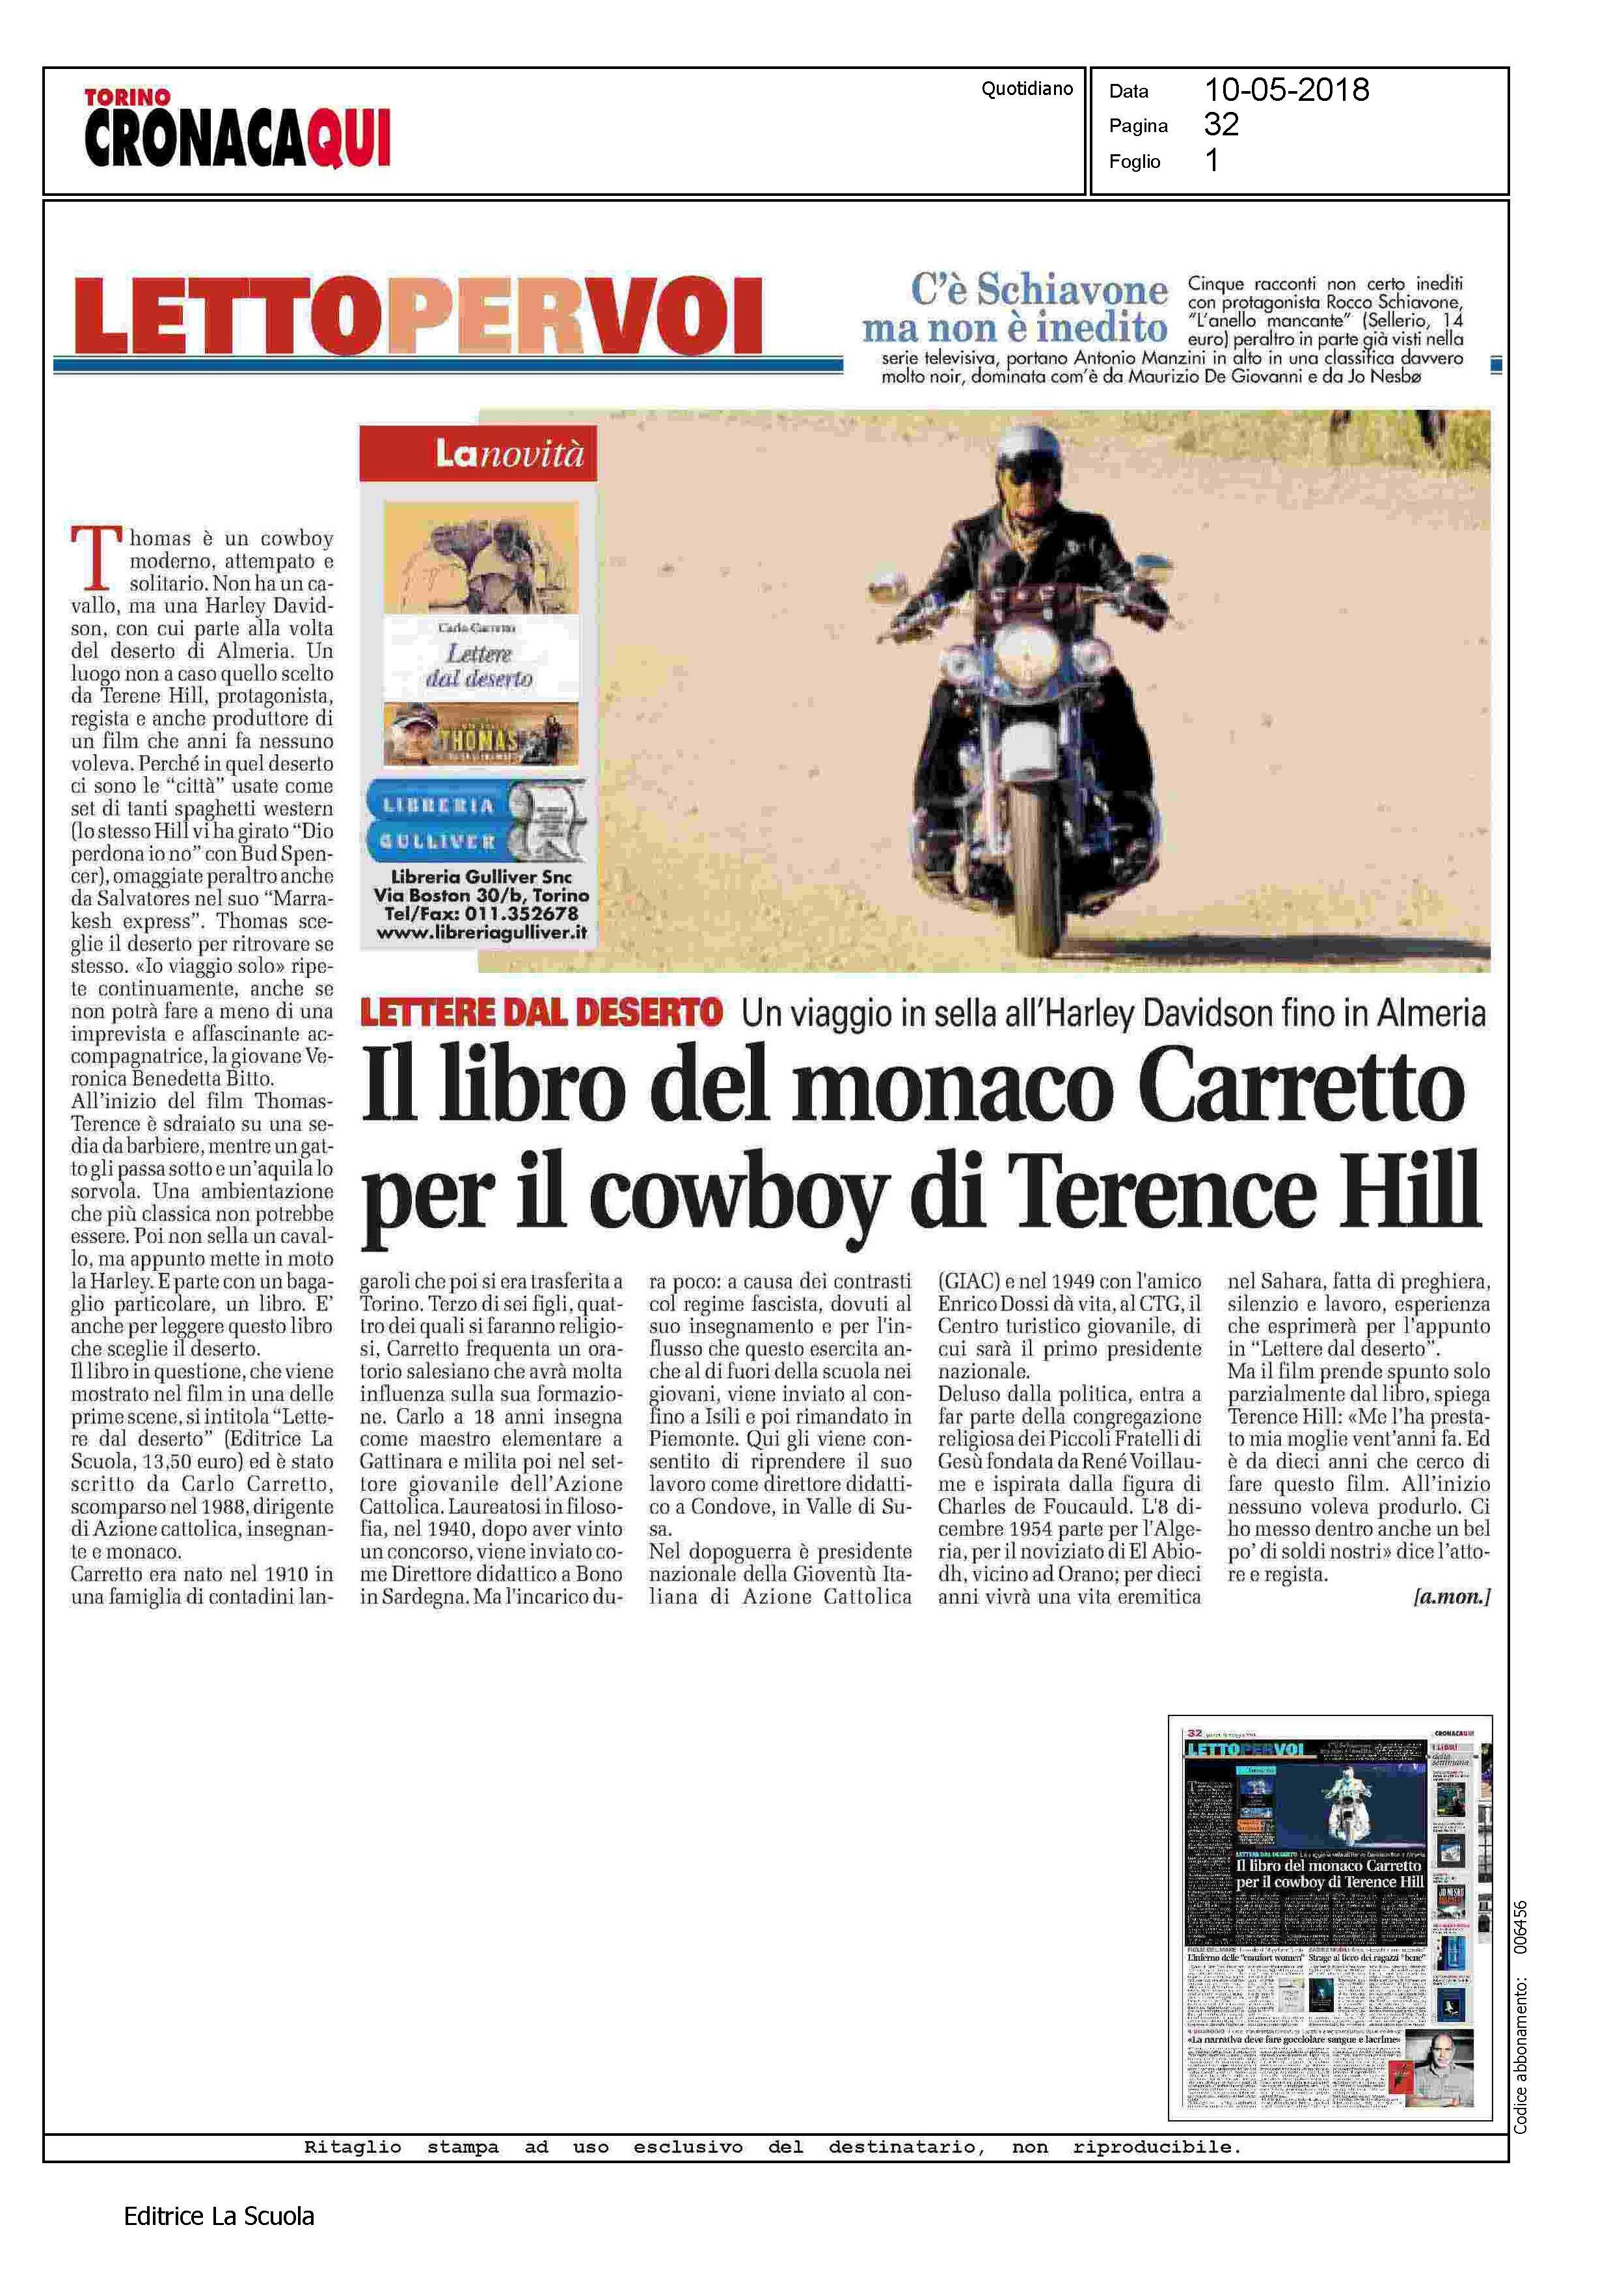 Els Torino cronaca 10 5 2018 Carretto.jp